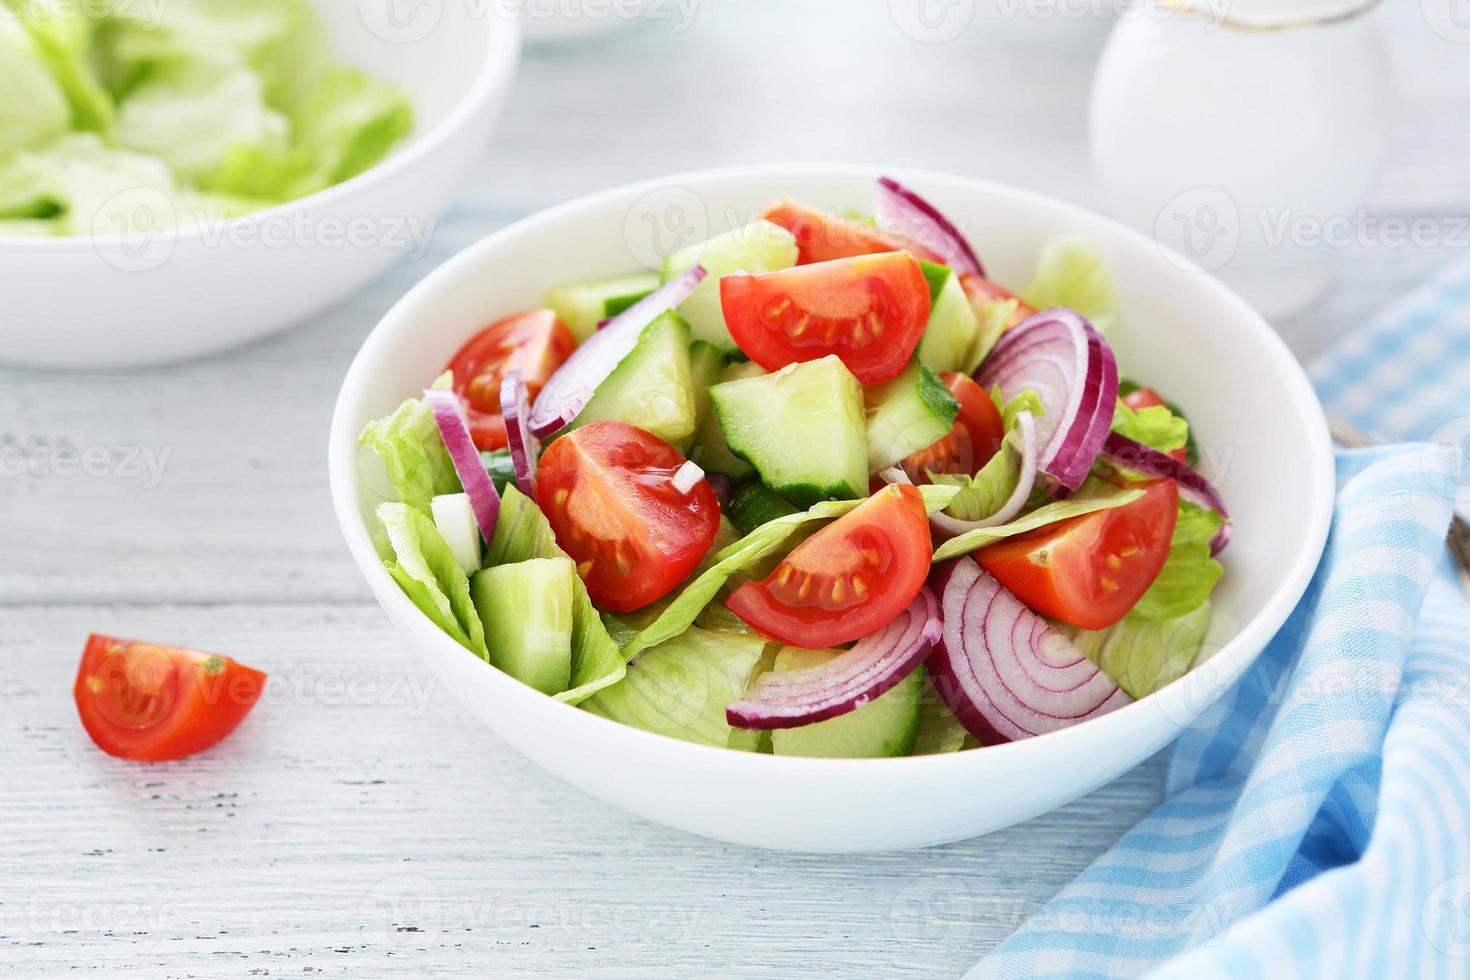 salade met groenten foto